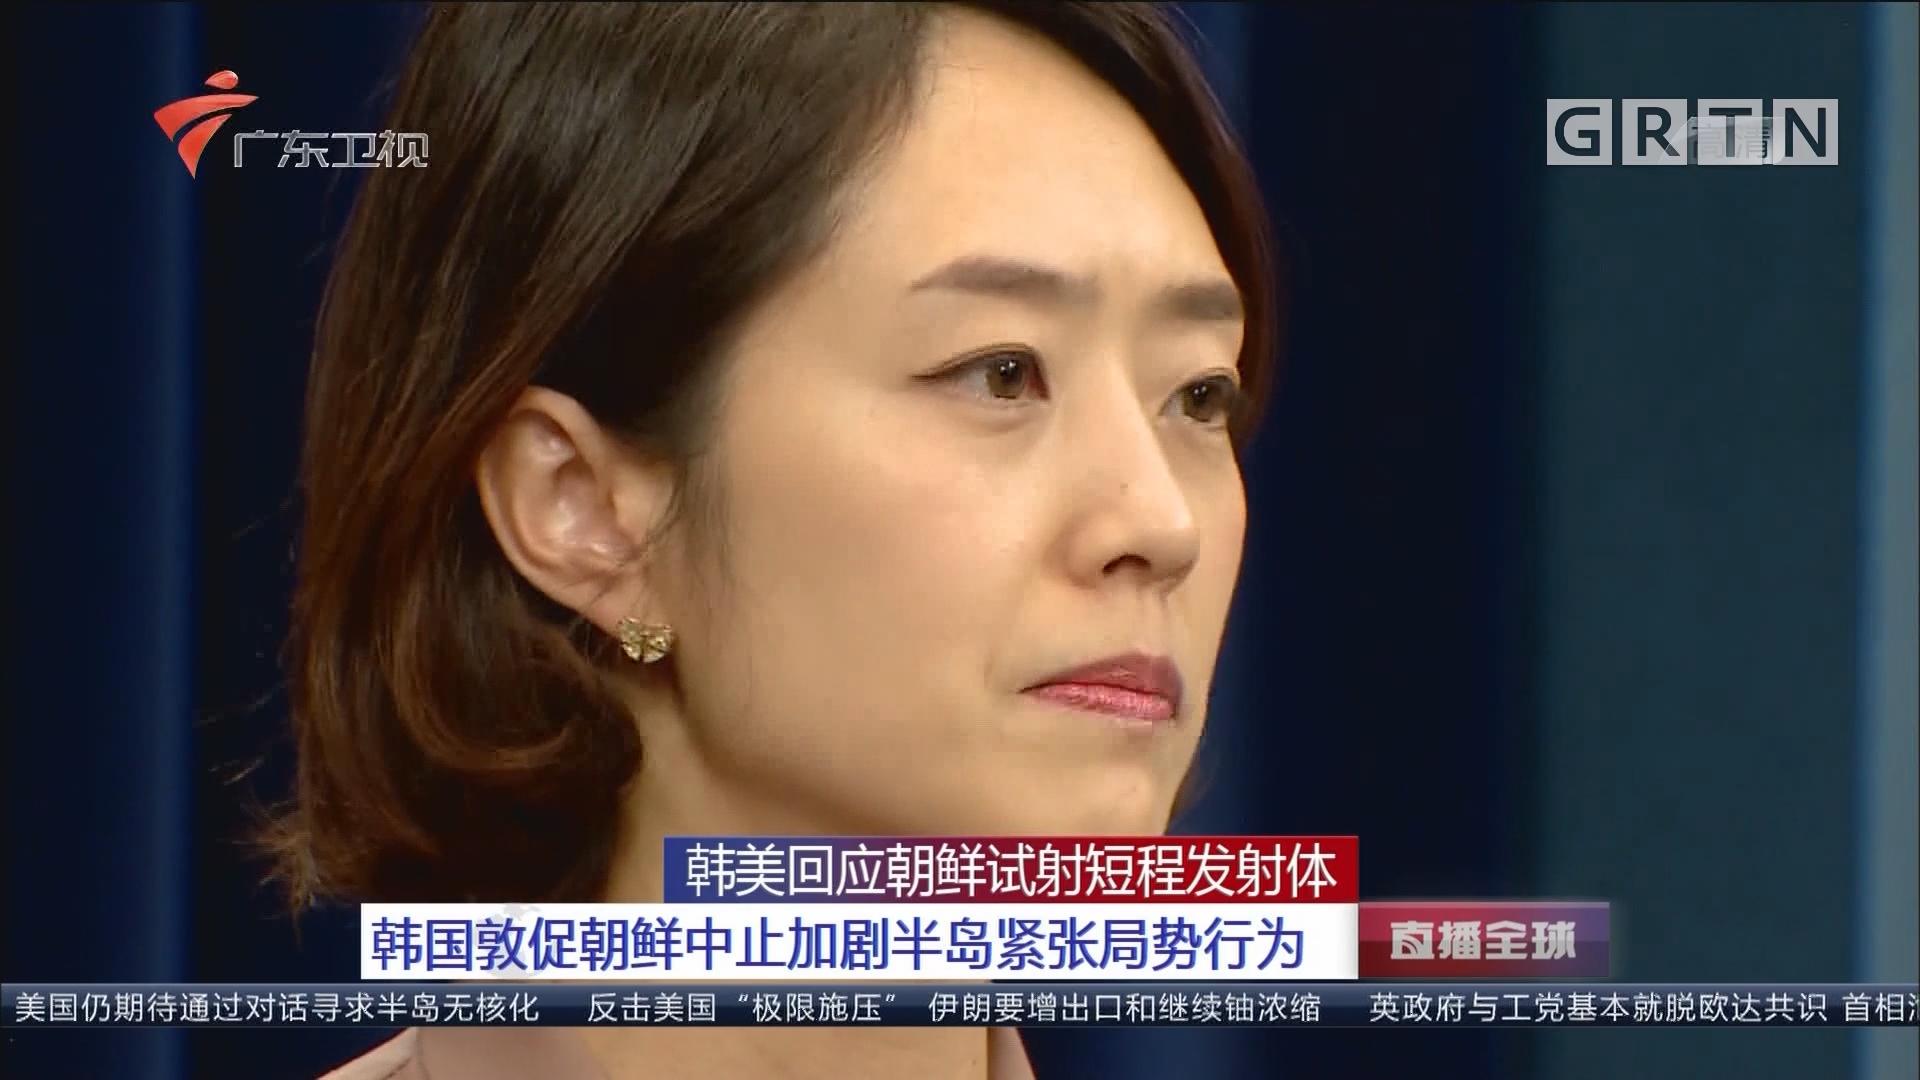 韩美回应朝鲜试射短程发射体:韩国敦促朝鲜中止加剧半岛紧张局势行为